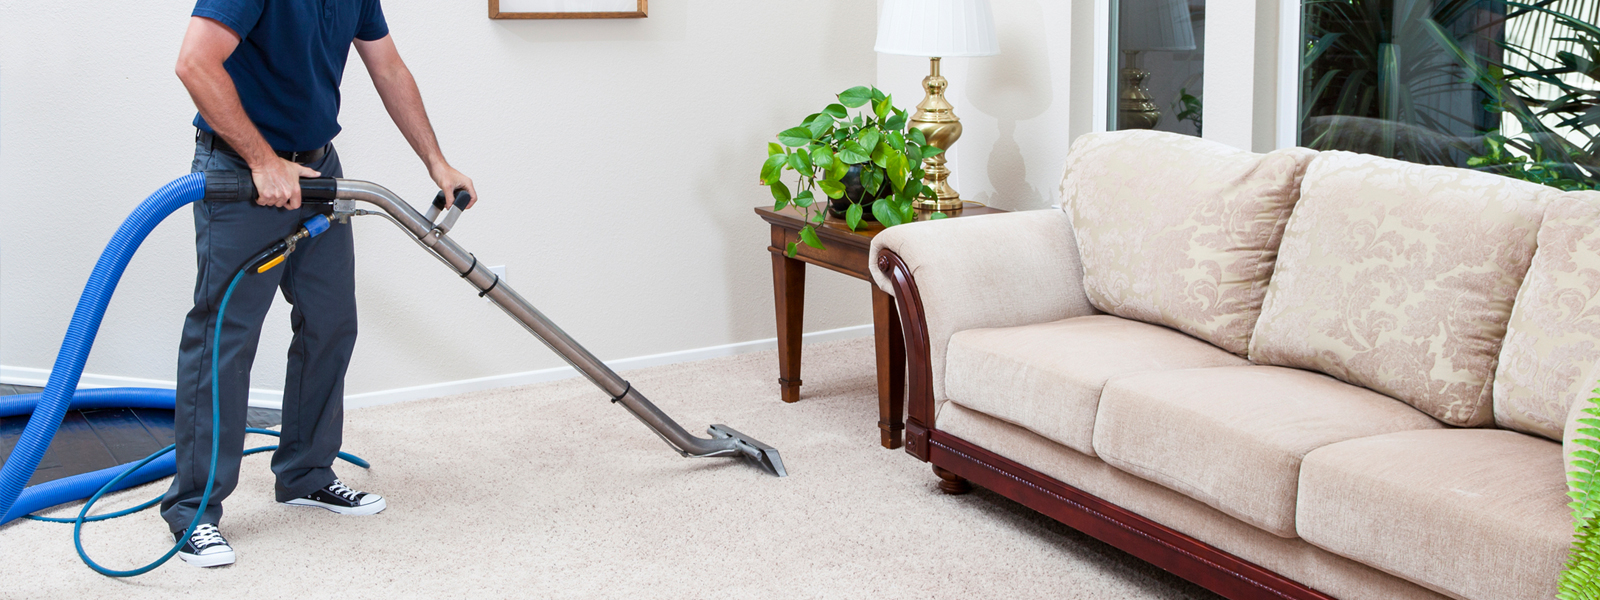 Carpet Cleaning 4U